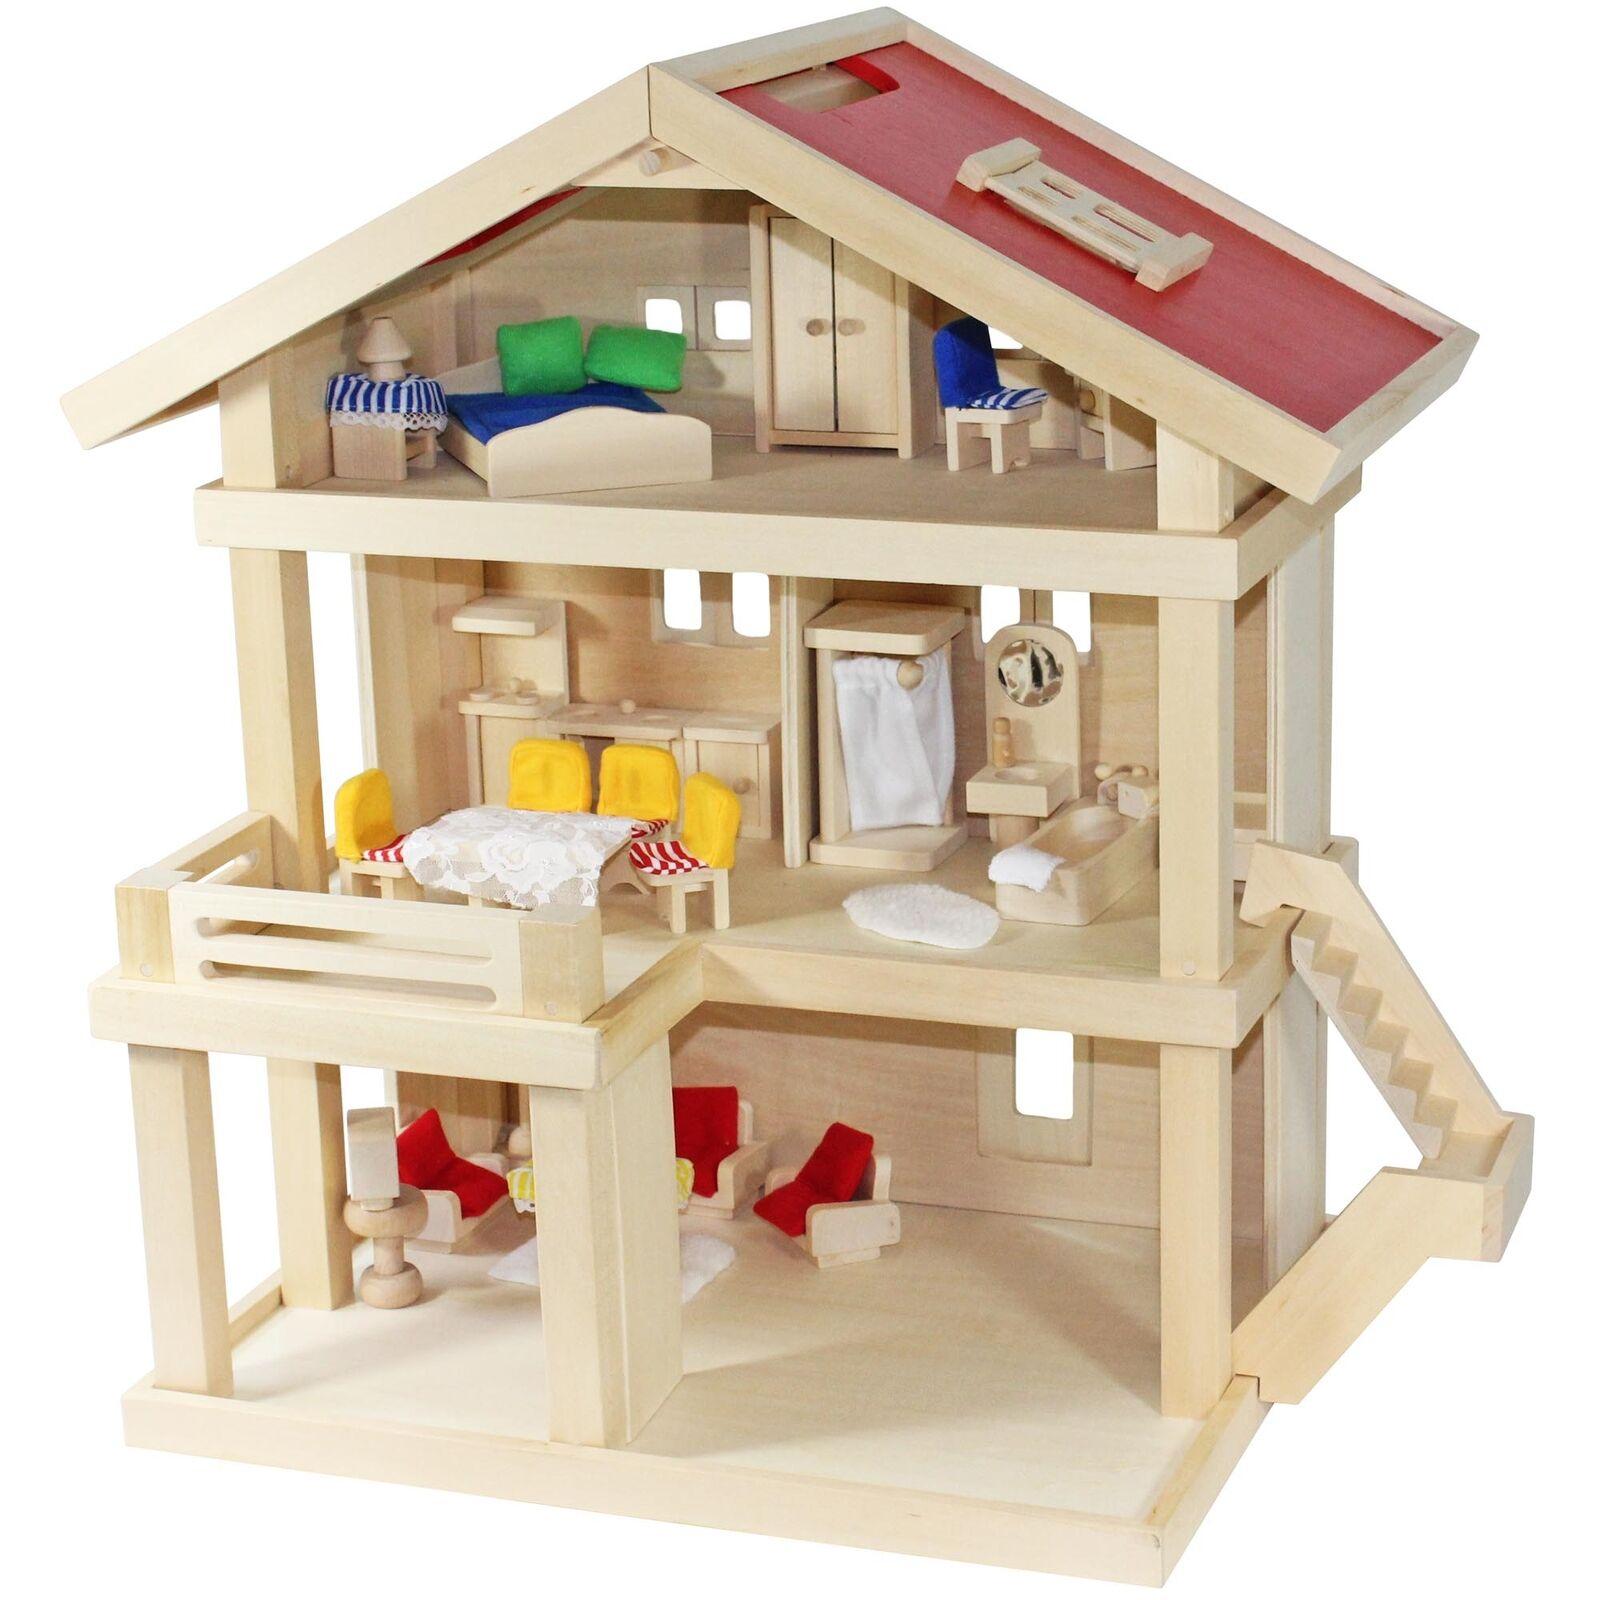 Villa Frossoa casa delle Bambole Villa Città + COPERTINA + bambole mobili in legno 46x35x58 cm